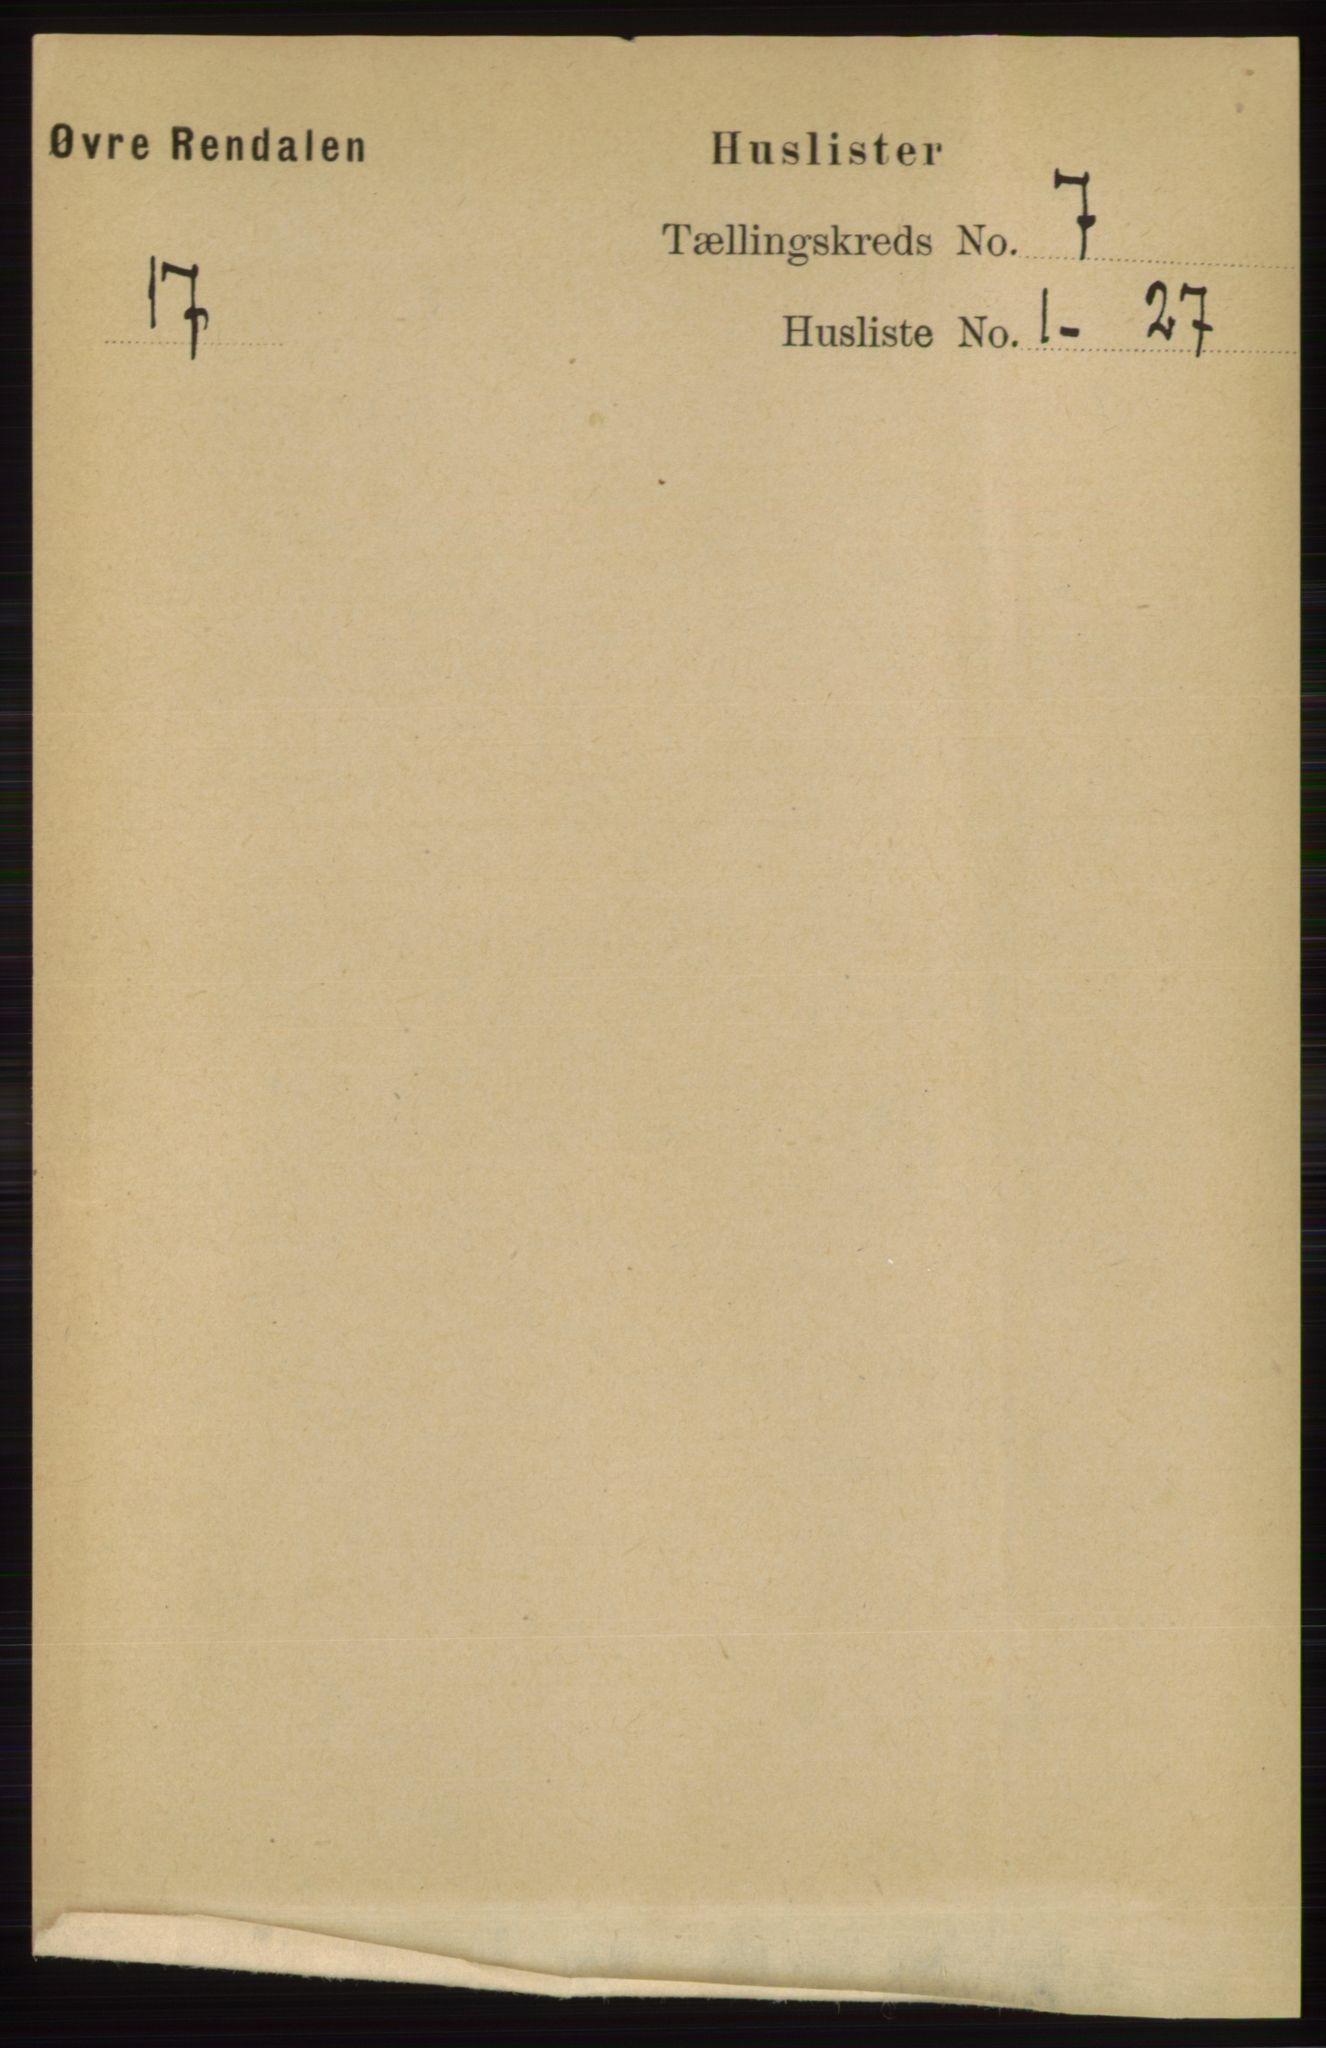 RA, Folketelling 1891 for 0433 Øvre Rendal herred, 1891, s. 1783